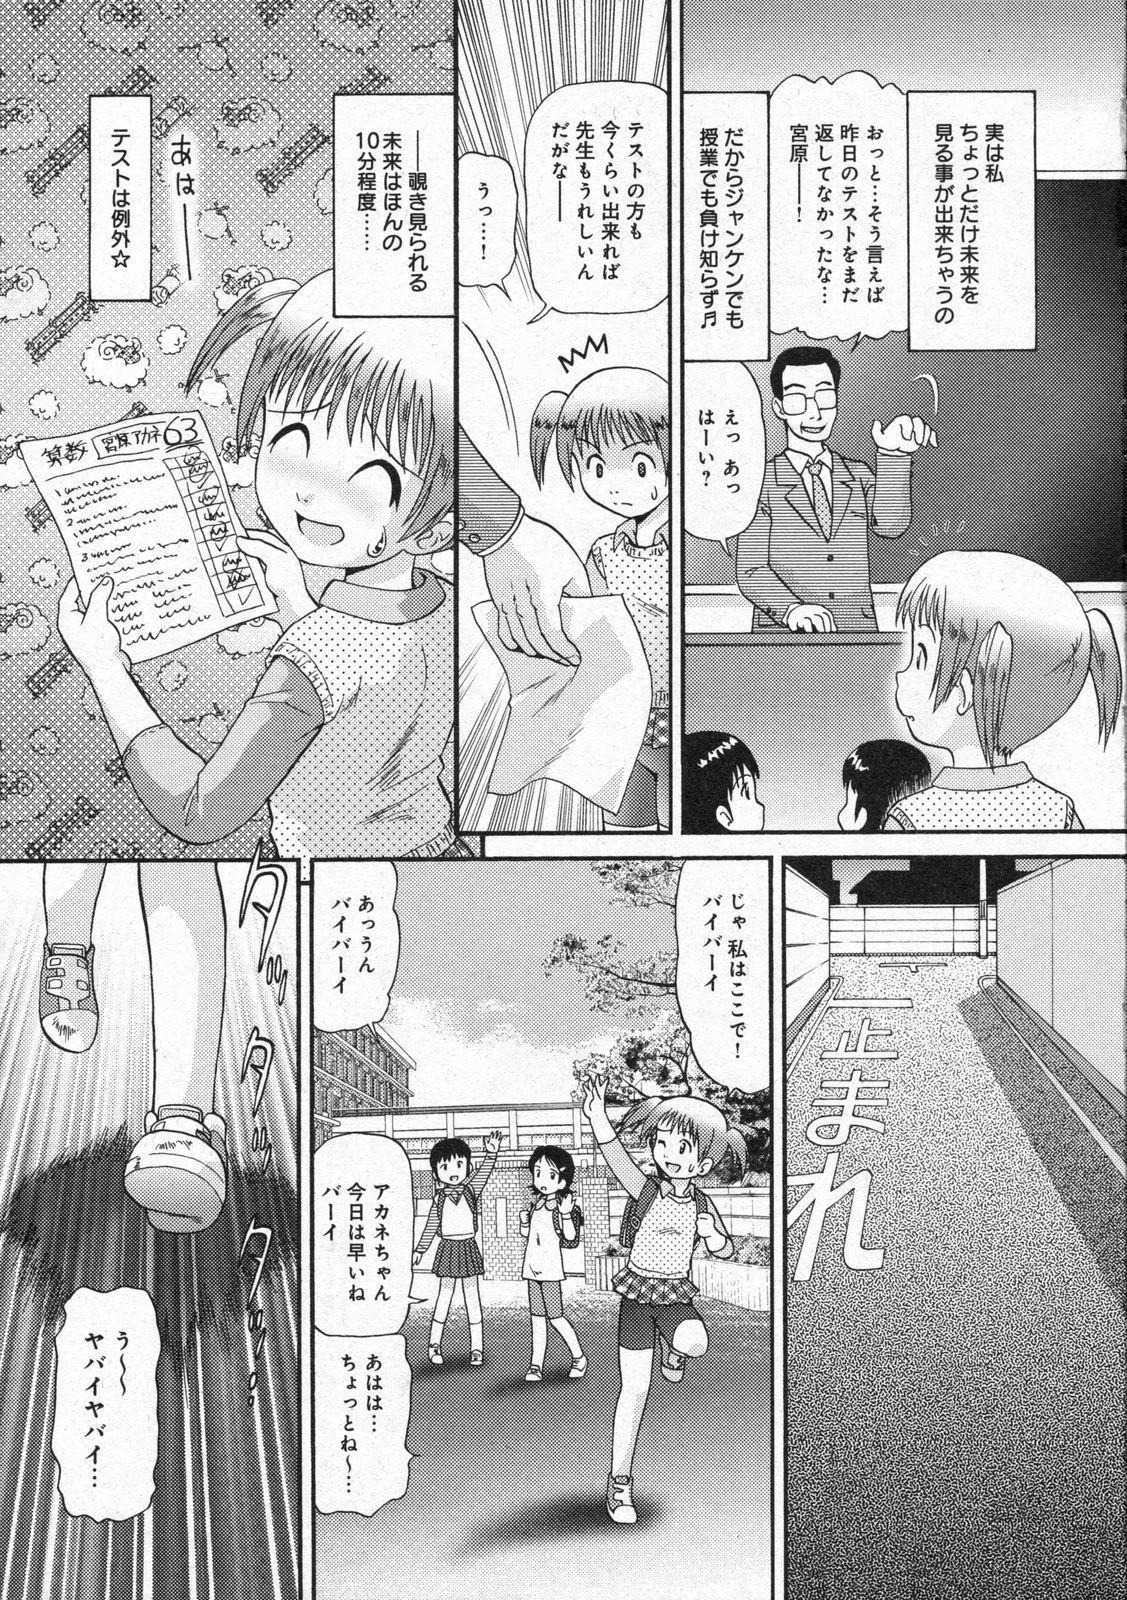 COMIC Moemax Jr. Vol.01 2009-08 78